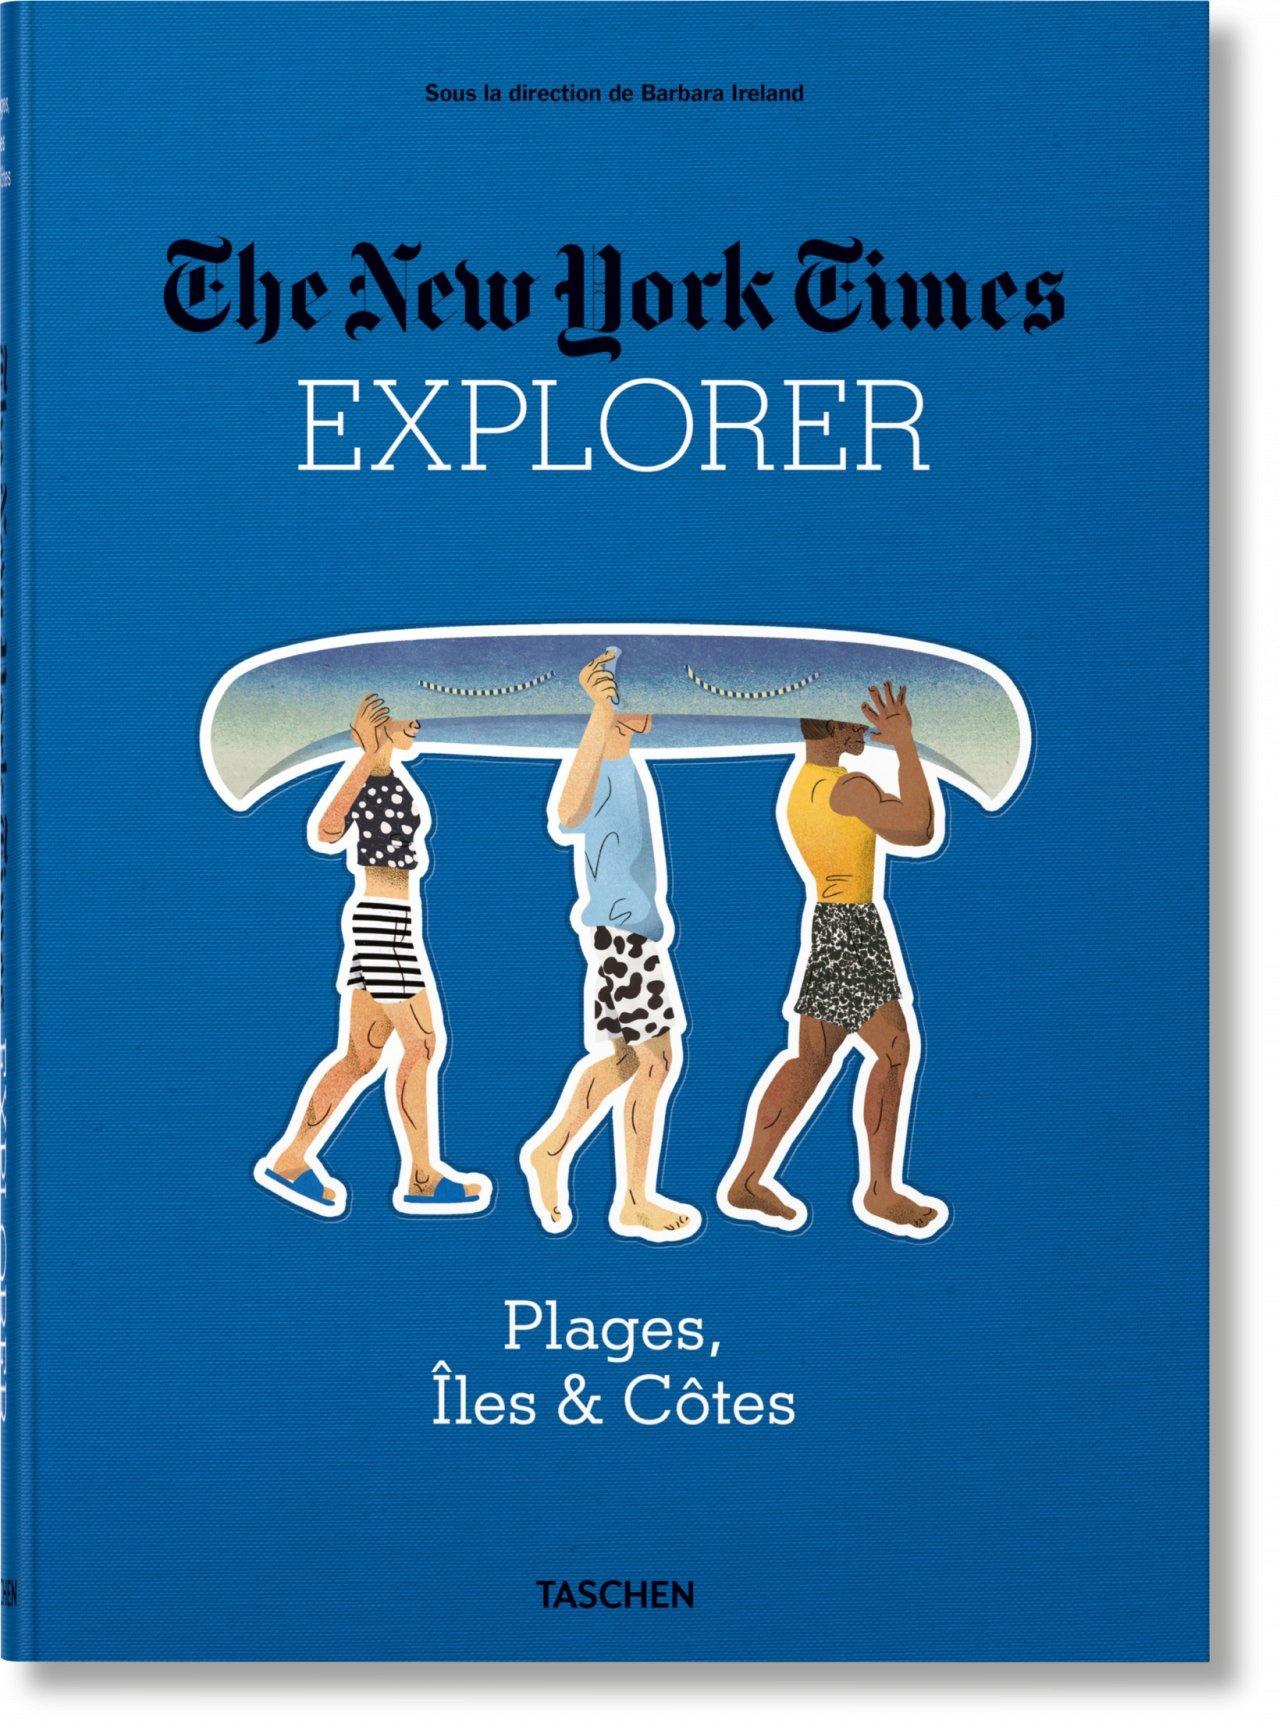 NYT EXPLORER. PLAGES, ILES & COTES - JU